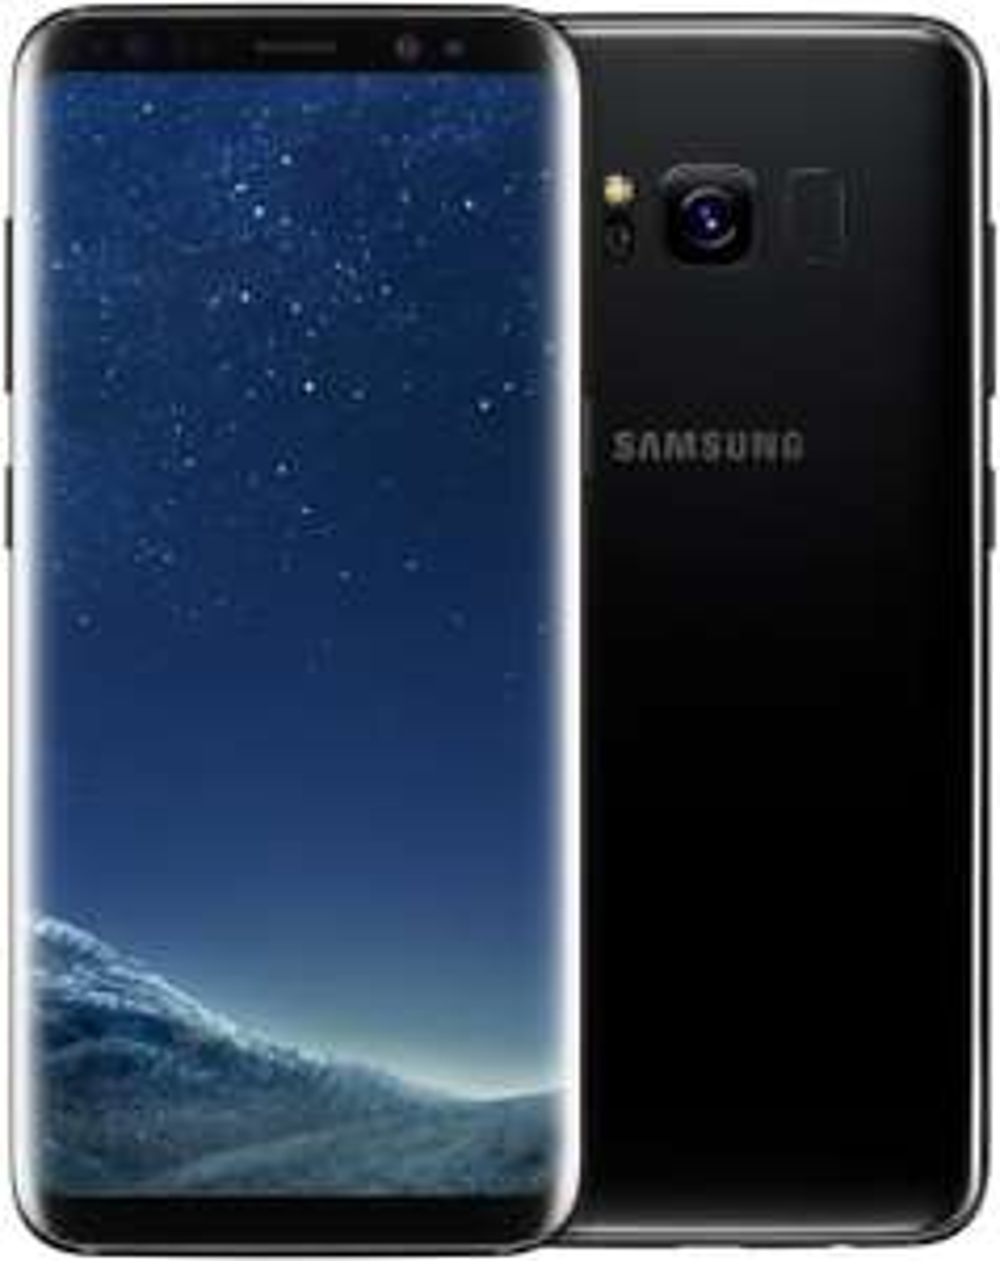 Samsung Galaxy S8 64GB schwarz NEU für 328,41€ inkl. Versandkosten